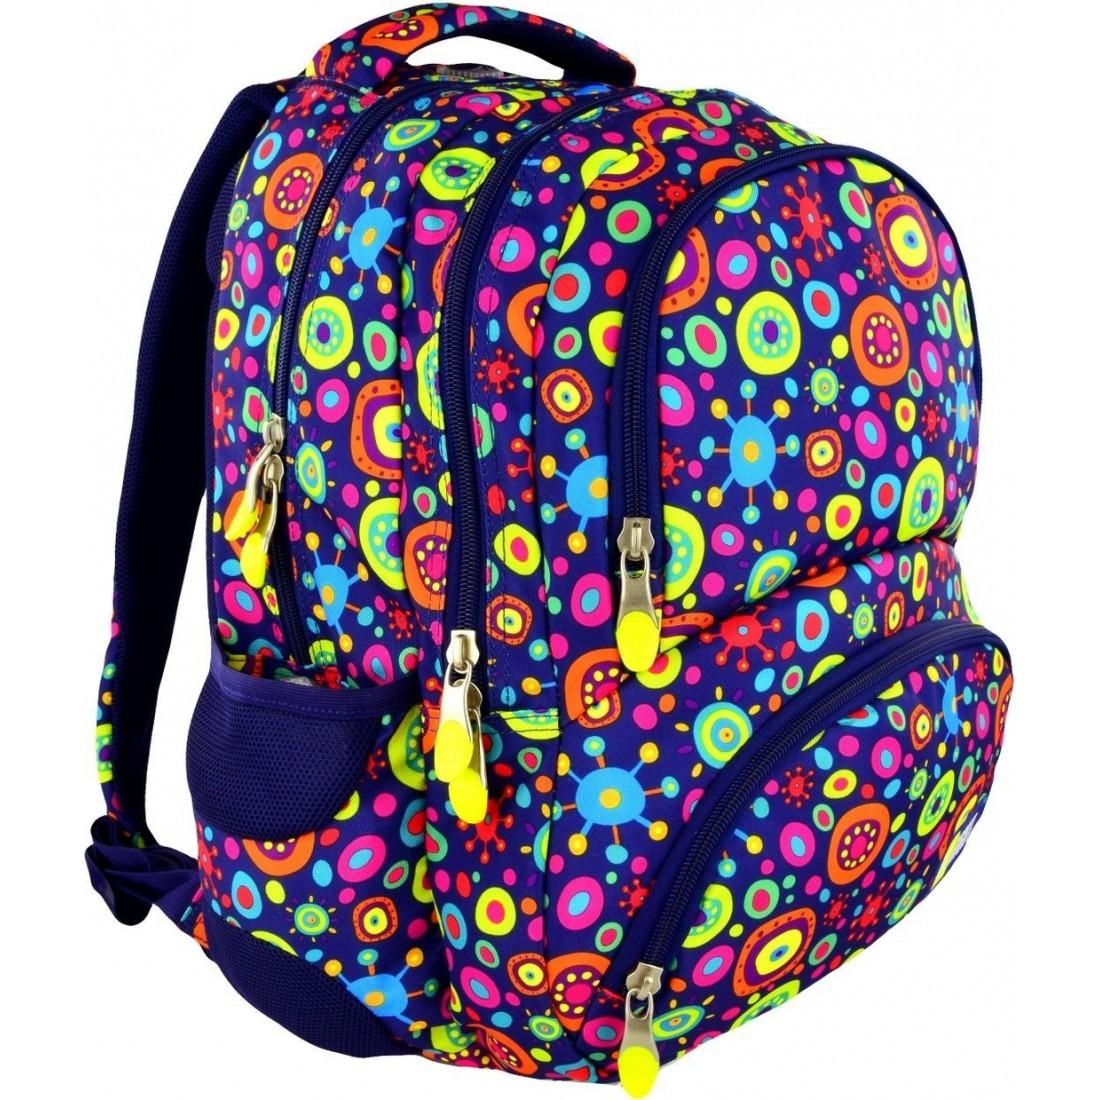 9859697f712c6 Wybierz plecak szkolny ST.RIGHT Jelly - słodki plecak z mnóstwem ciekawych  rozwiązań!